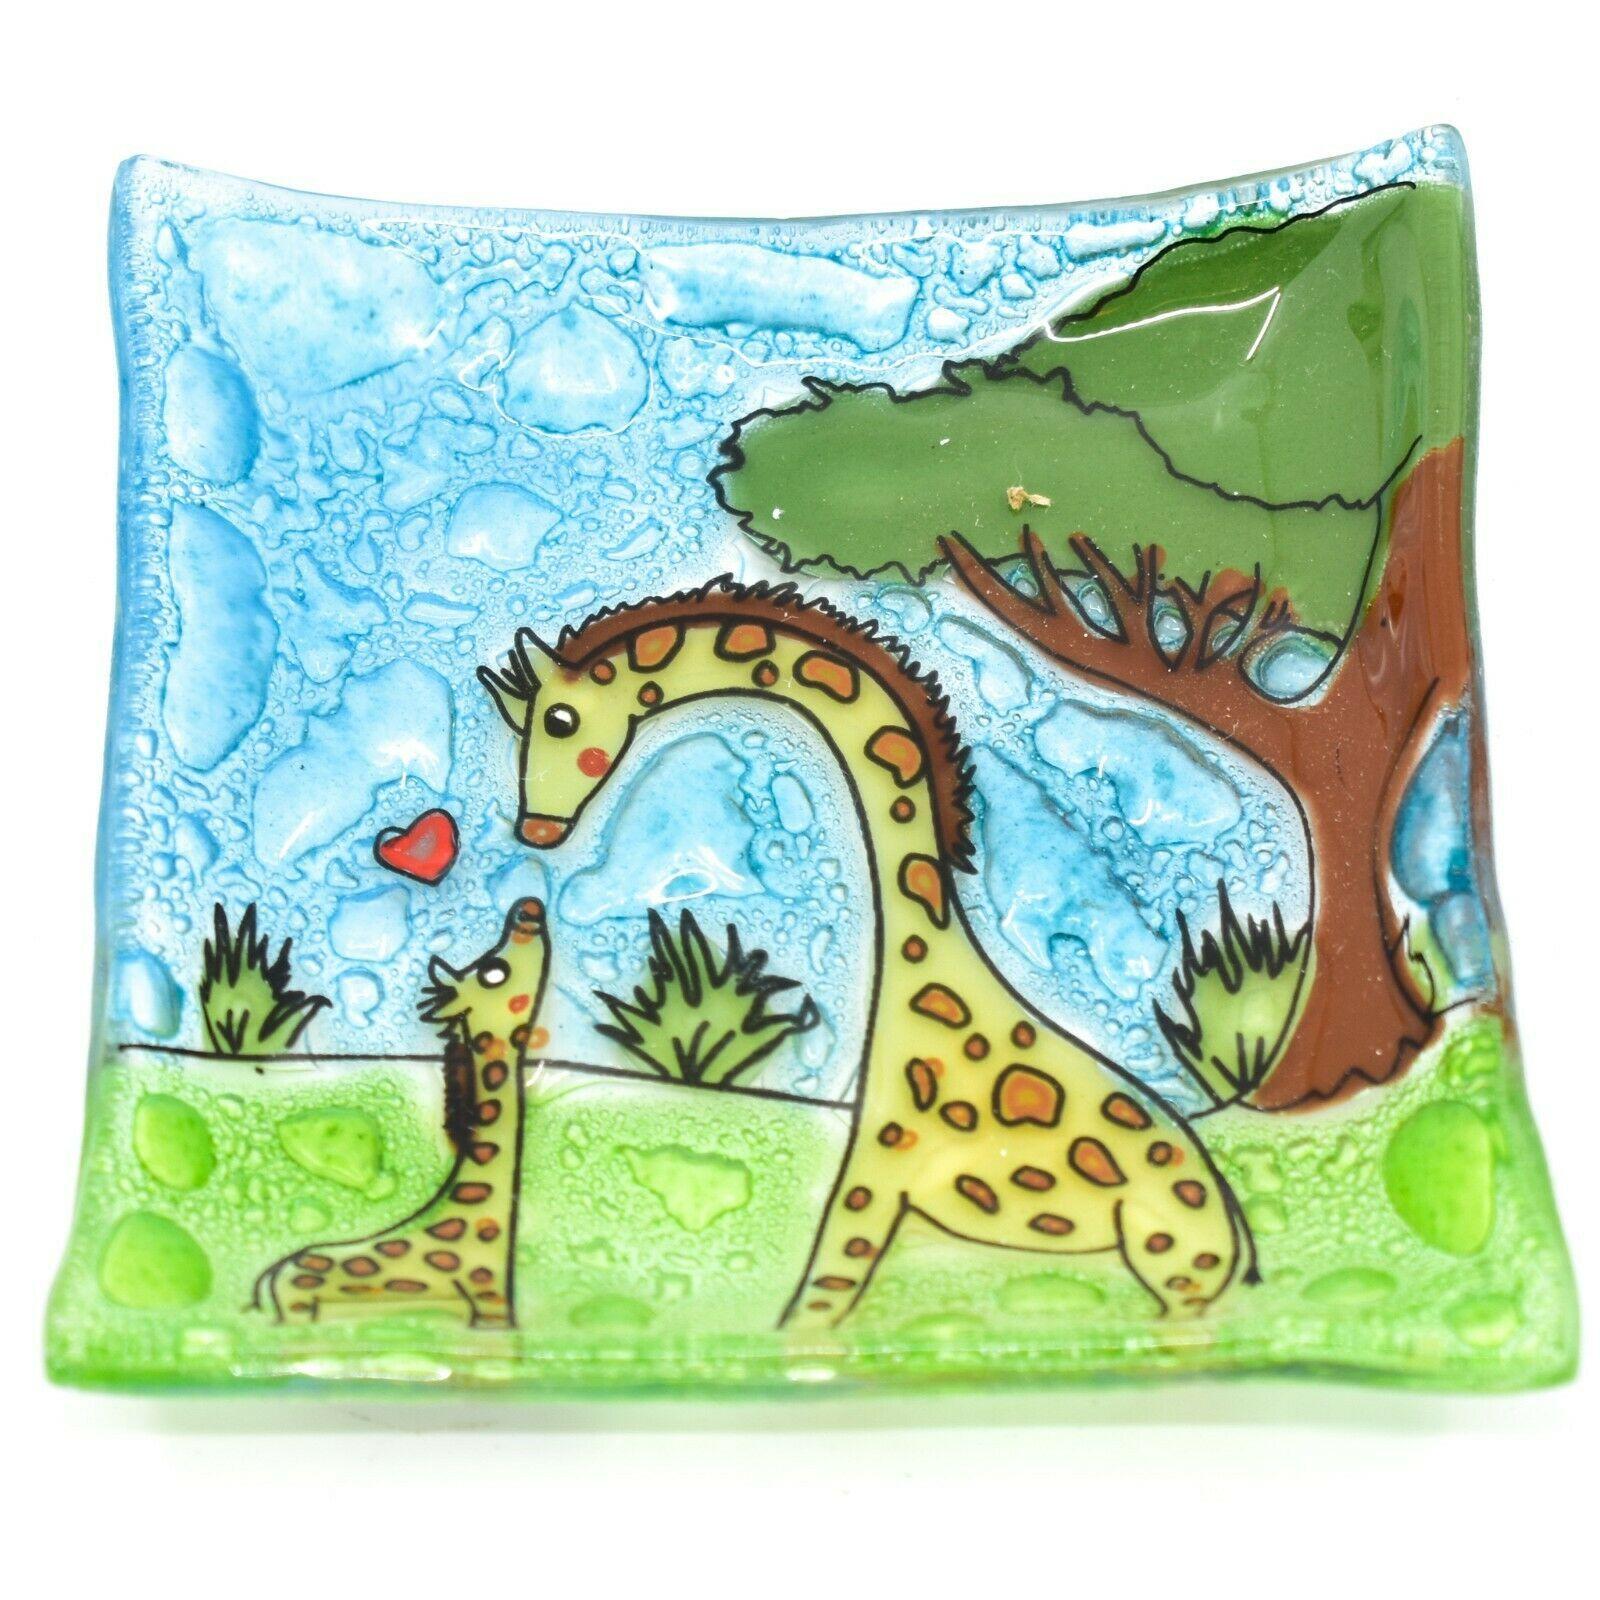 Fused Art Glass Giraffe Mom & Baby Design Square Soap Dish Handmade Ecuador